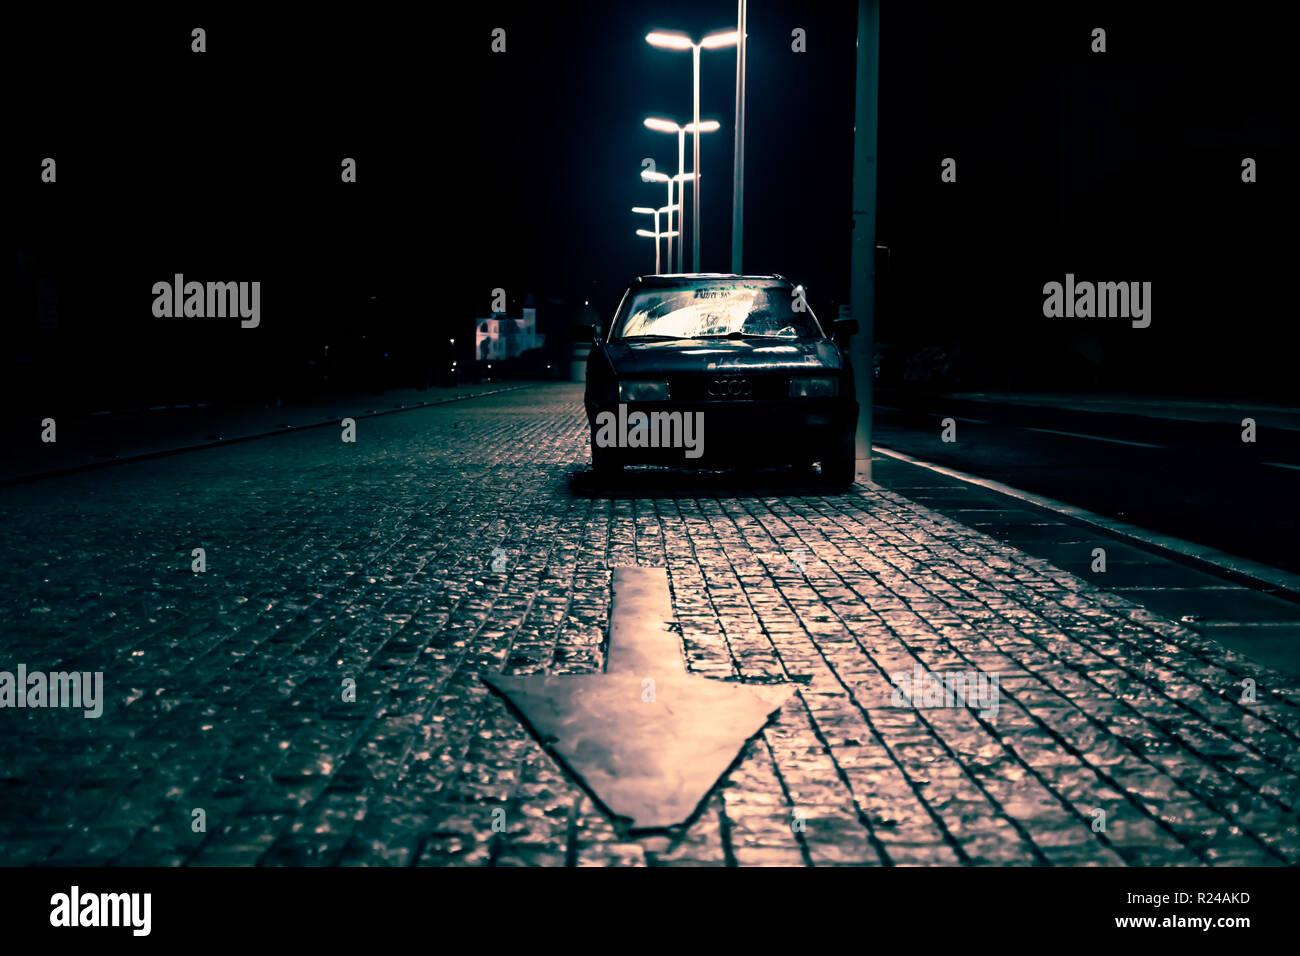 Auto Auf Gepflasterten Strasse Mit Pfeil In Dunkel Gespenstisch